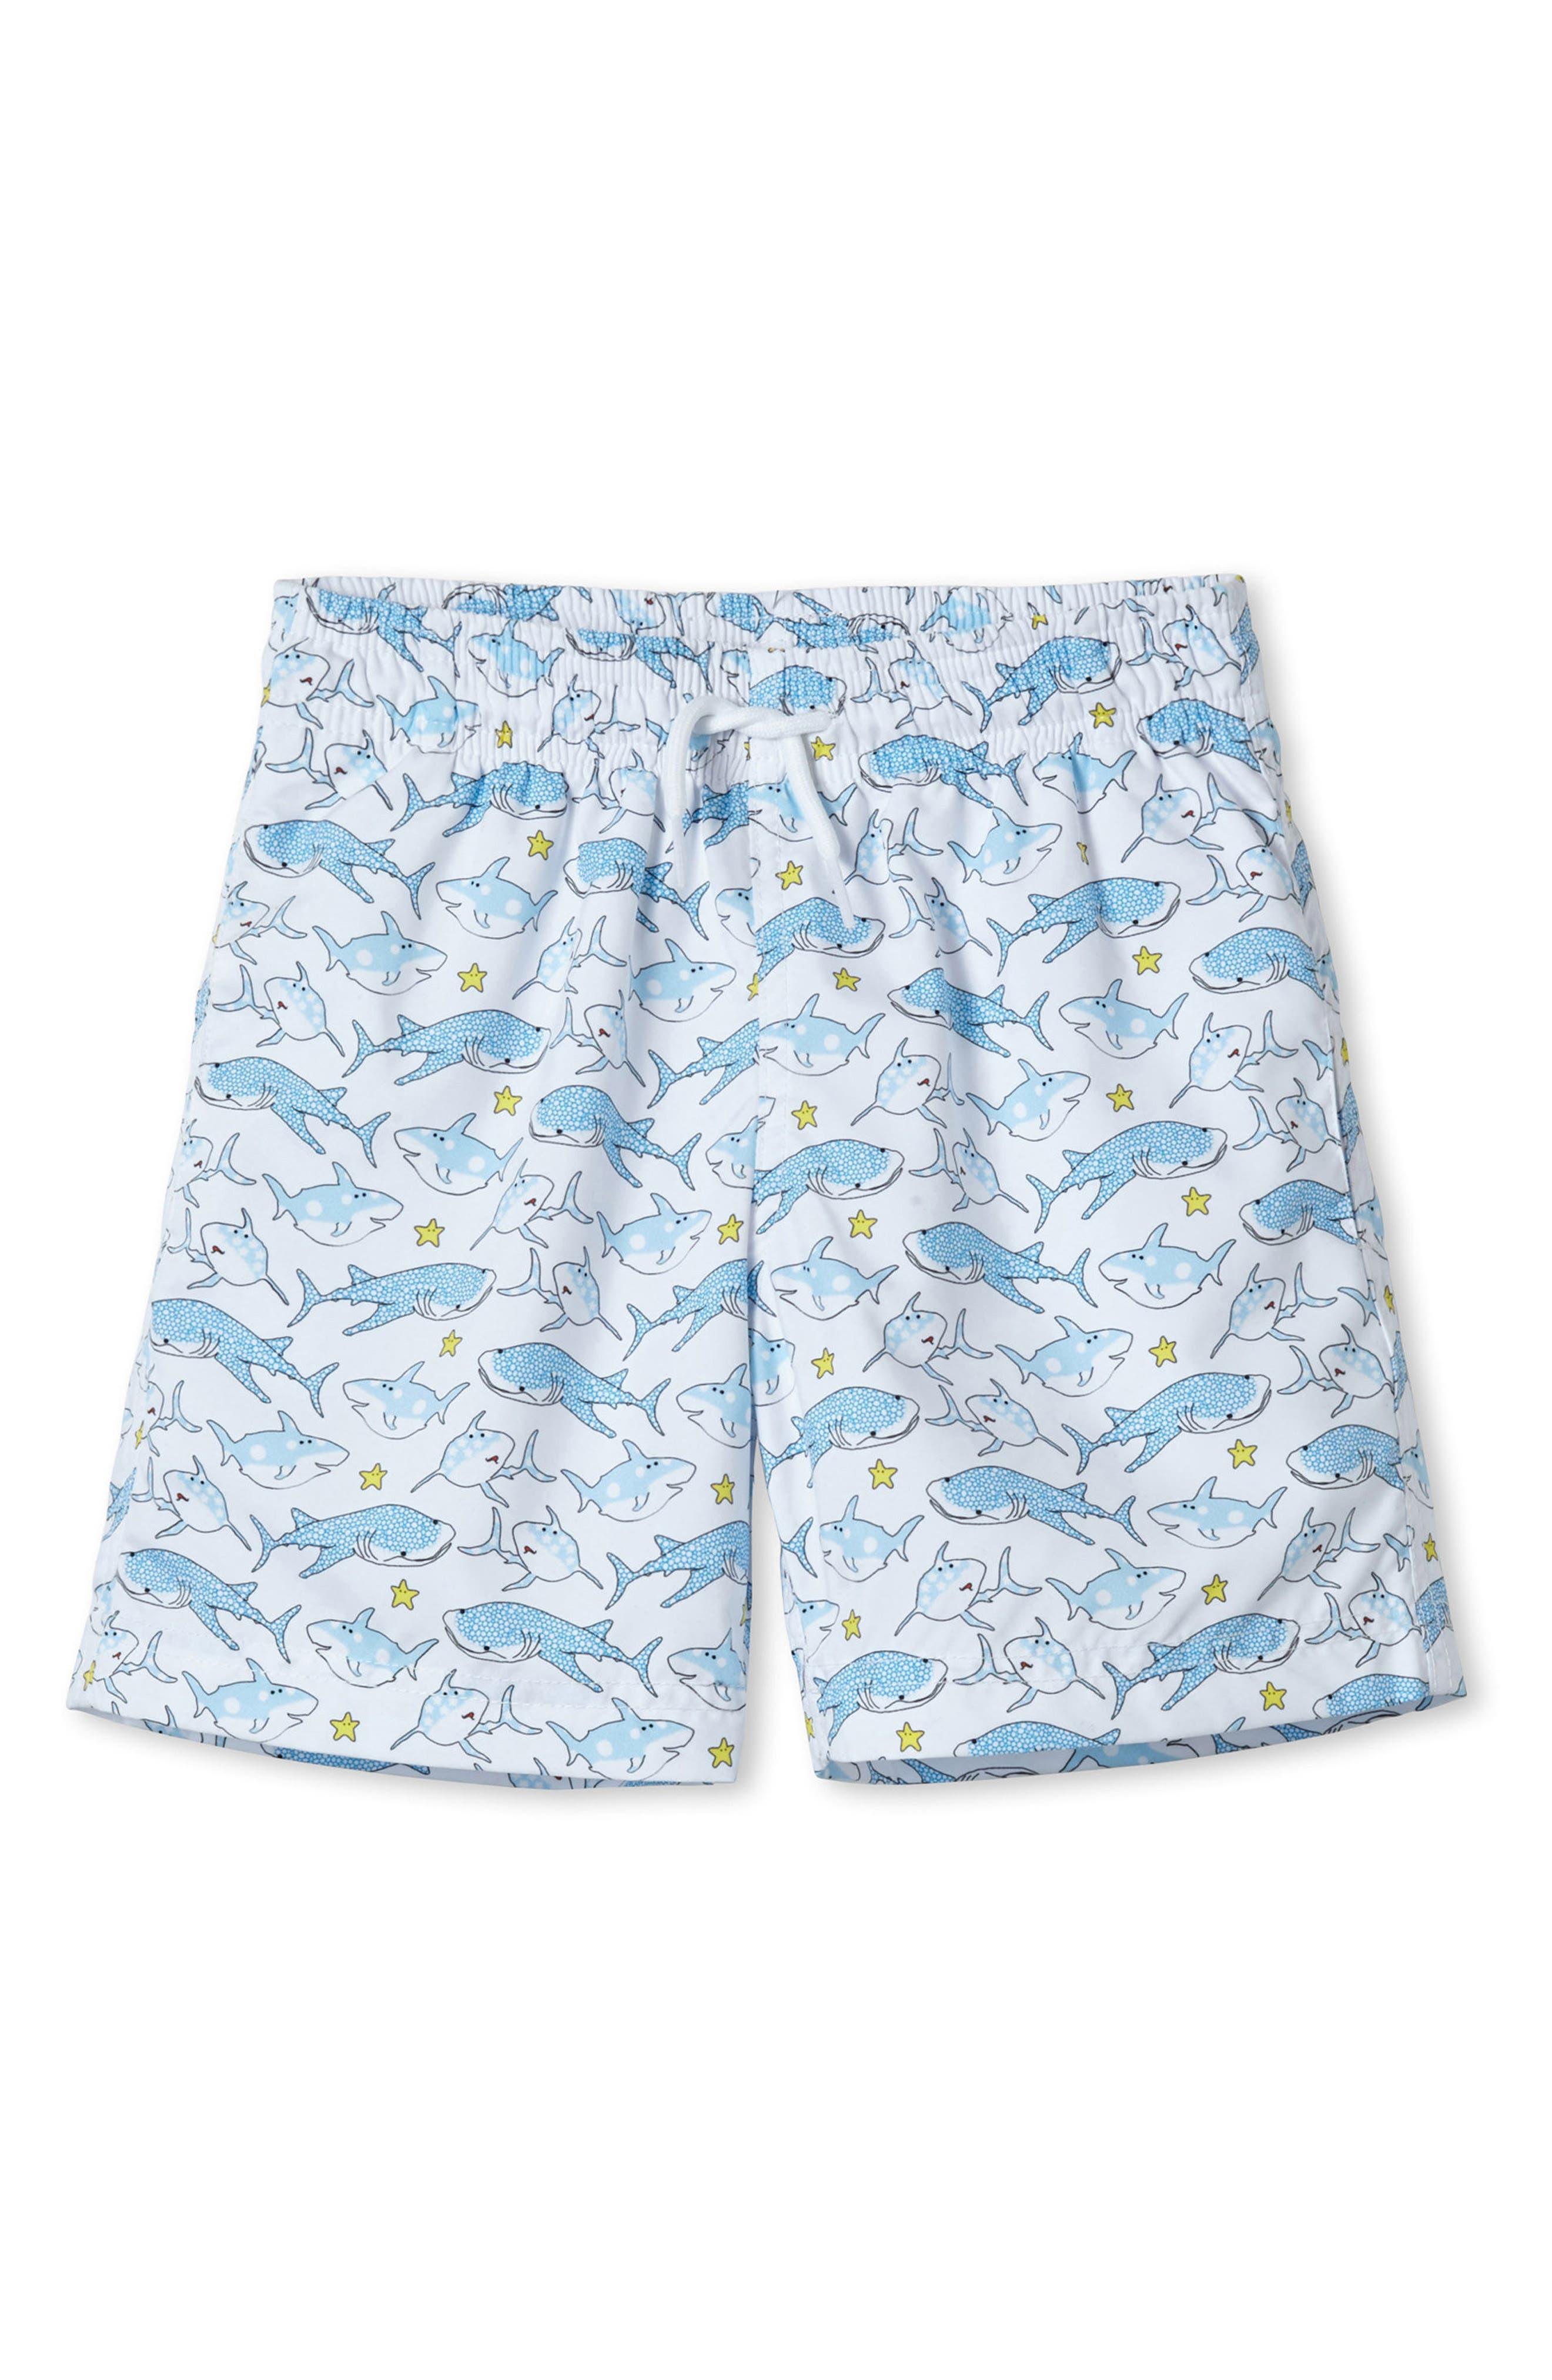 Main Image - Stella Cove White Shark Swim Trunks (Toddler Boys & Little Boys)